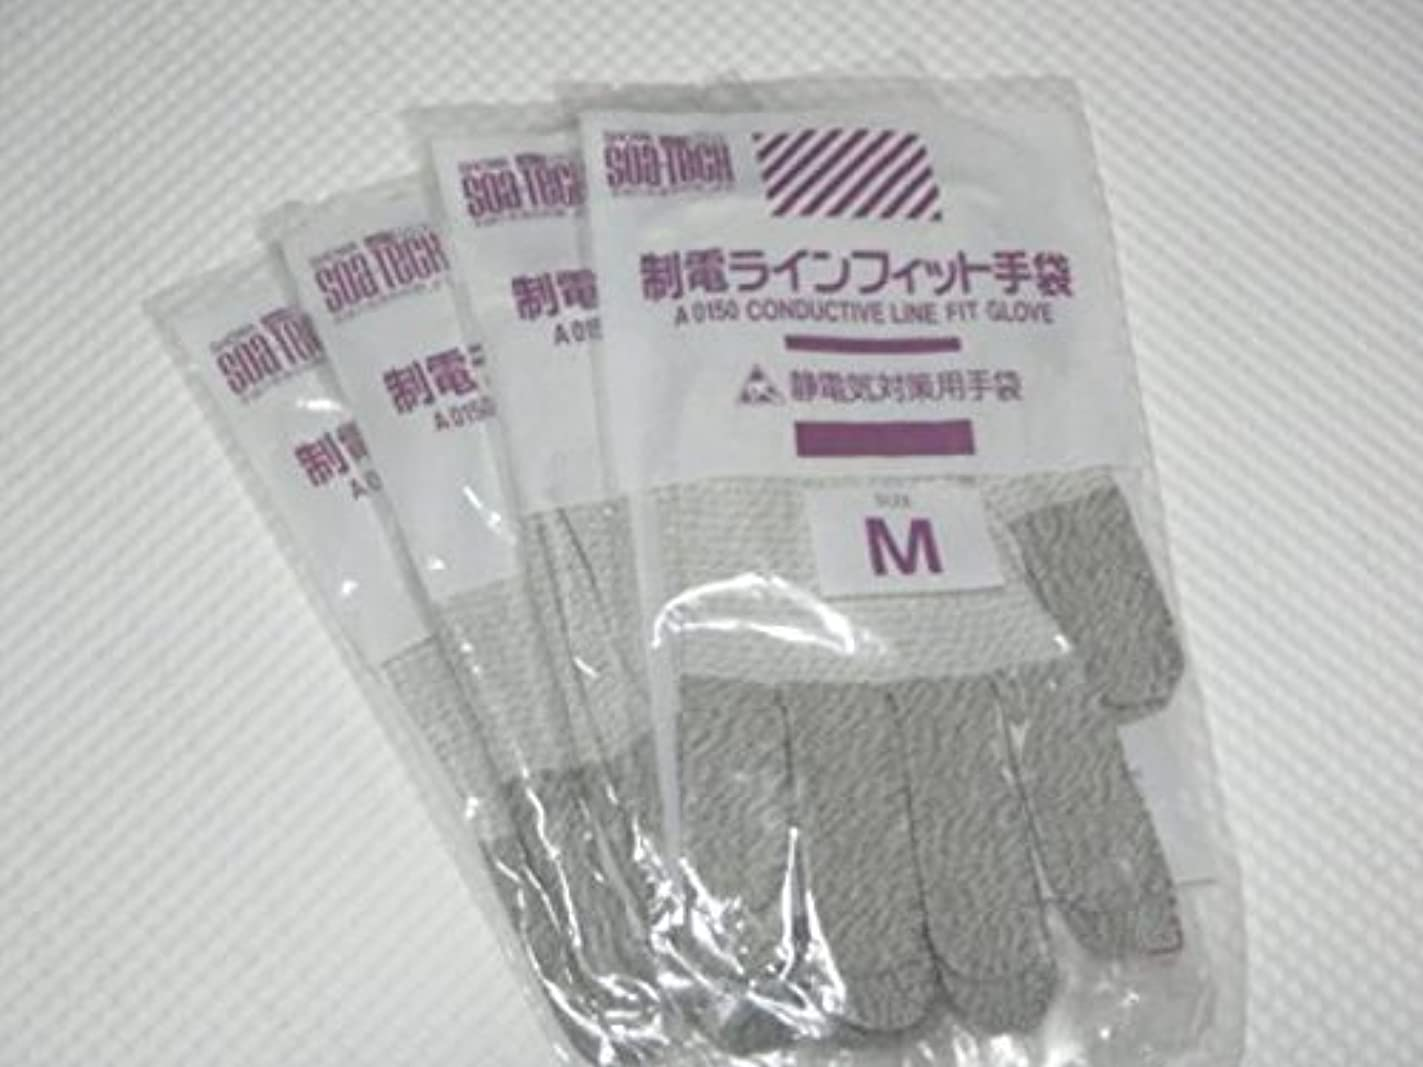 基礎スカウト独立してショーワグローブ 制電ラインフィット手袋 Mサイズ A0150-M②